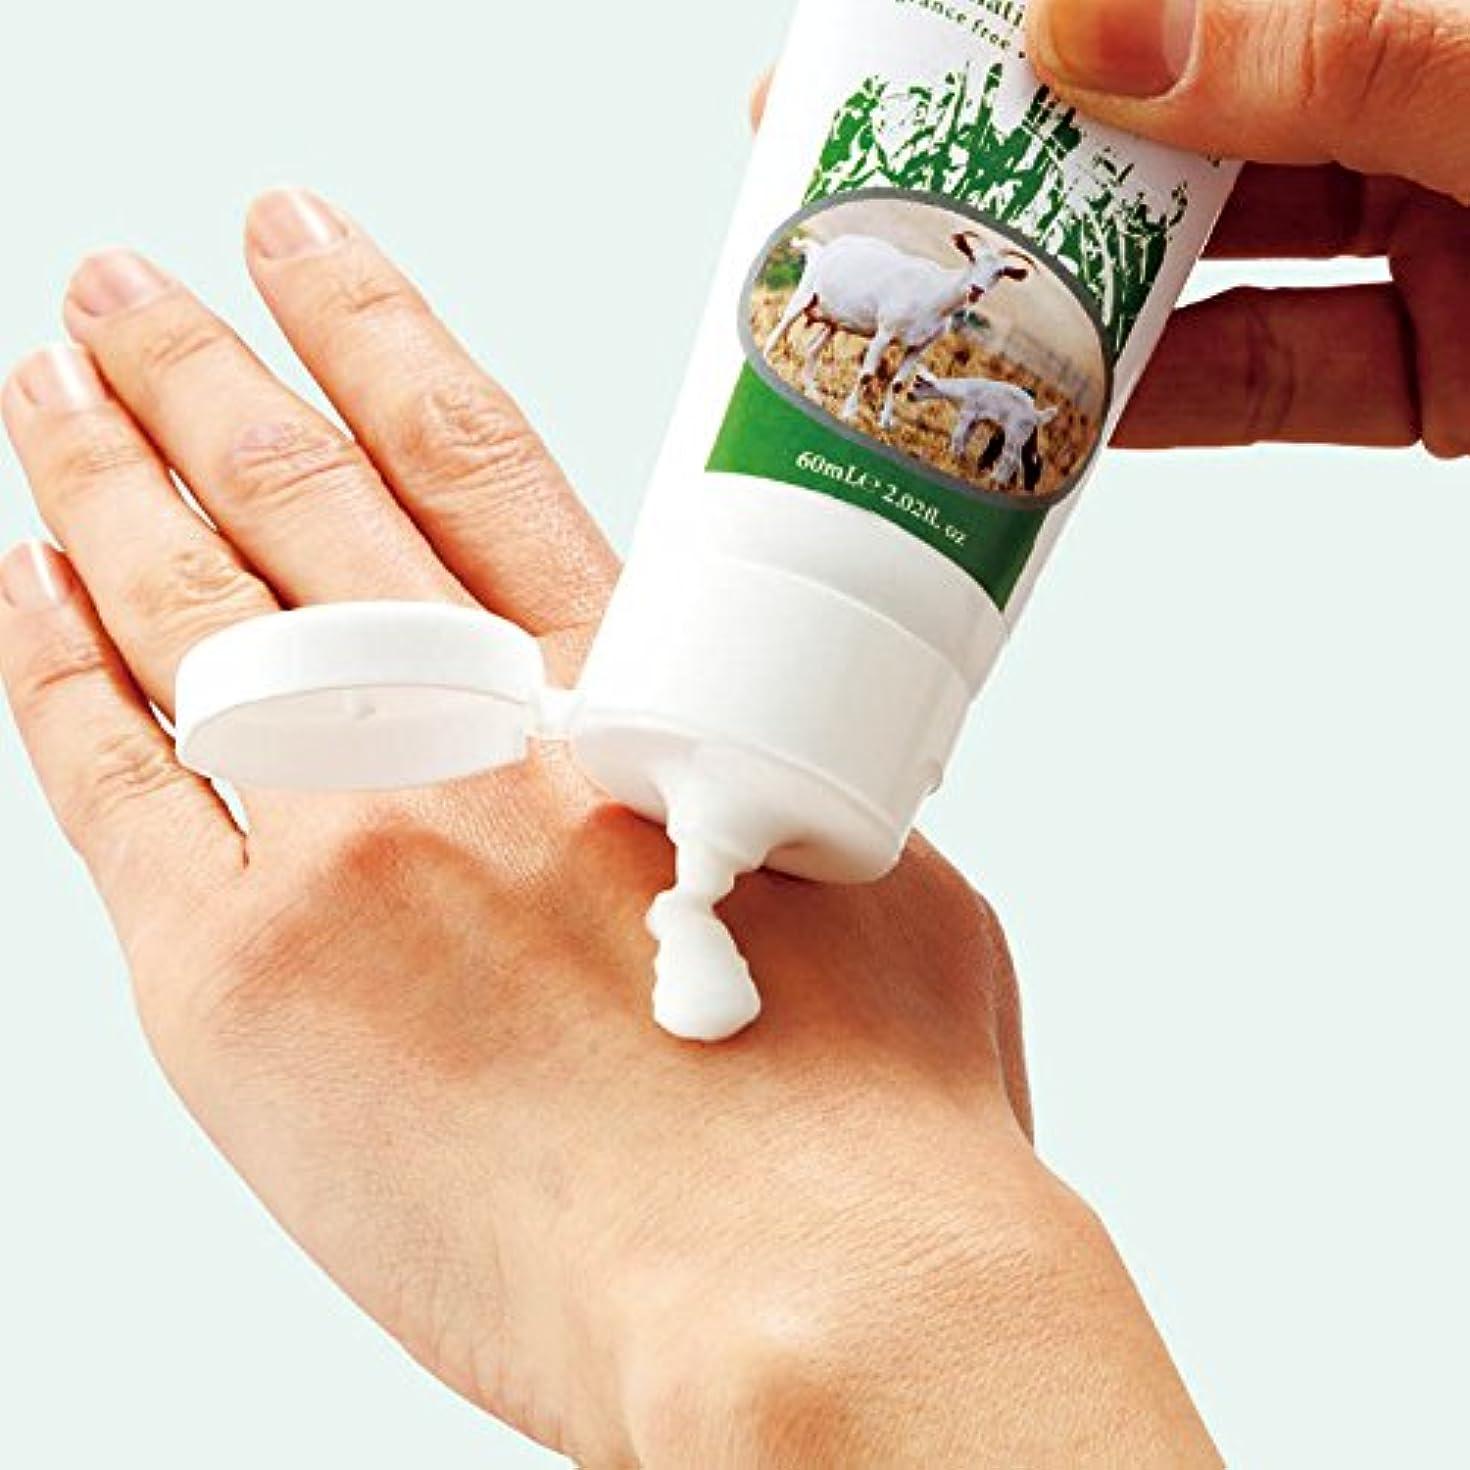 トレイつぼみ評論家オーストラリア 土産 ティリー ゴートミルク ハンドクリーム 3本セット (海外旅行 オーストラリア お土産)